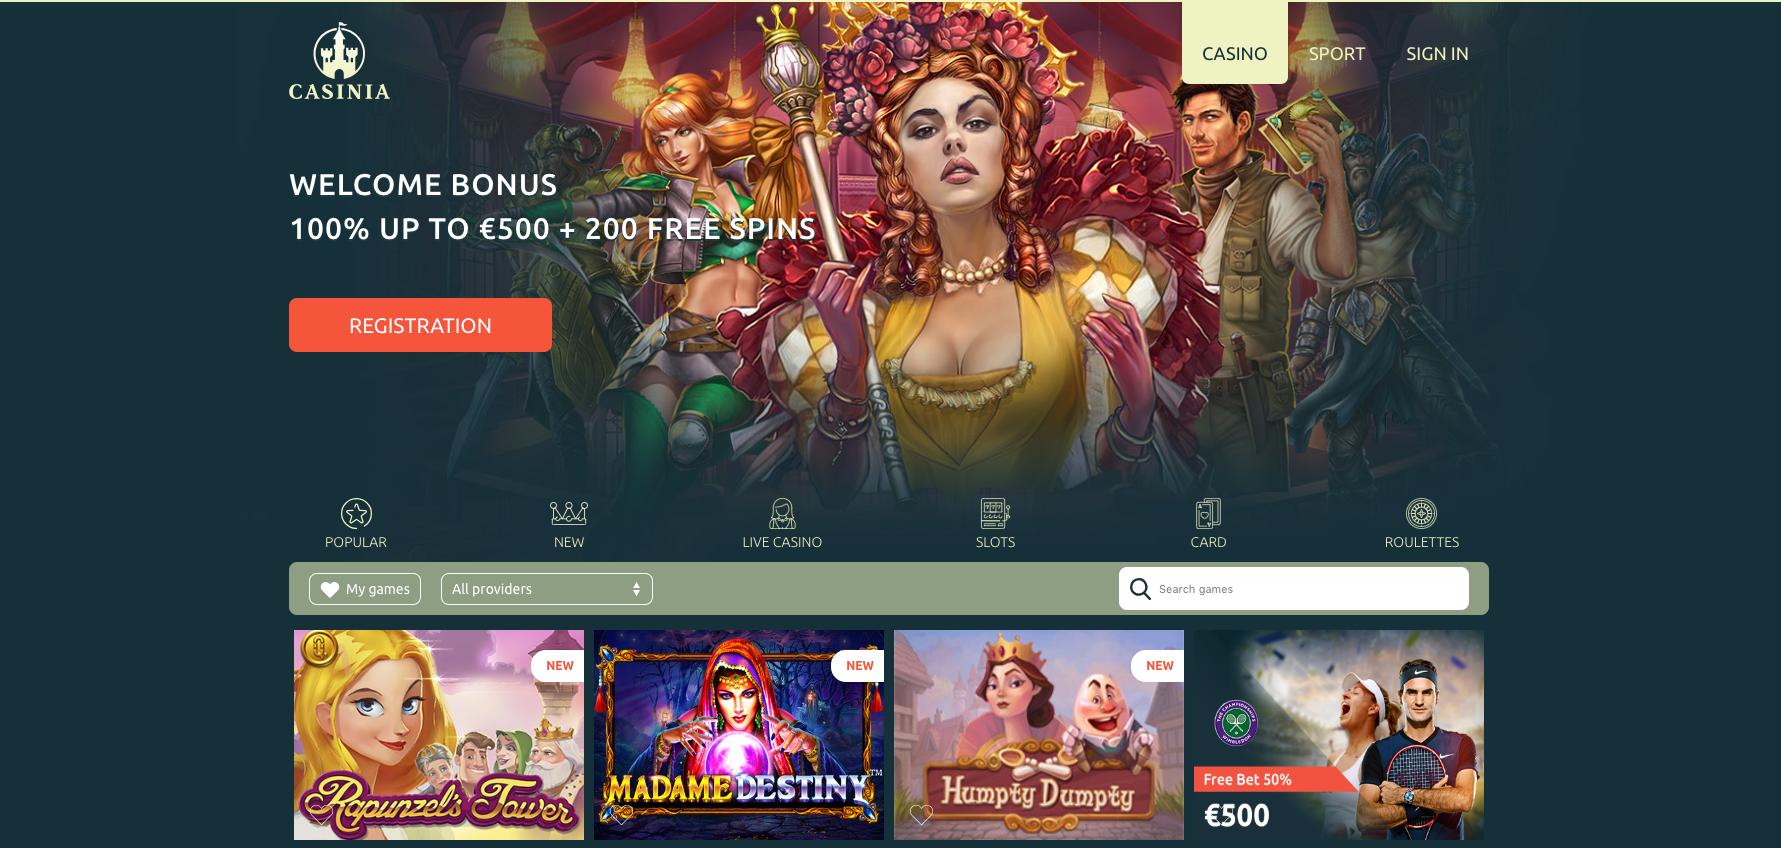 Casinia Casino tarjoaa asiakkailleen runsaasti etuja. Tervetuliaisbonuksen lisäksi kasinolla erilaisia viikoittaisia kampanjoita, joissa rekisteröityneitä pelaajia palkitaan ilmaiskierroksilla ja talletusbonuksilla.